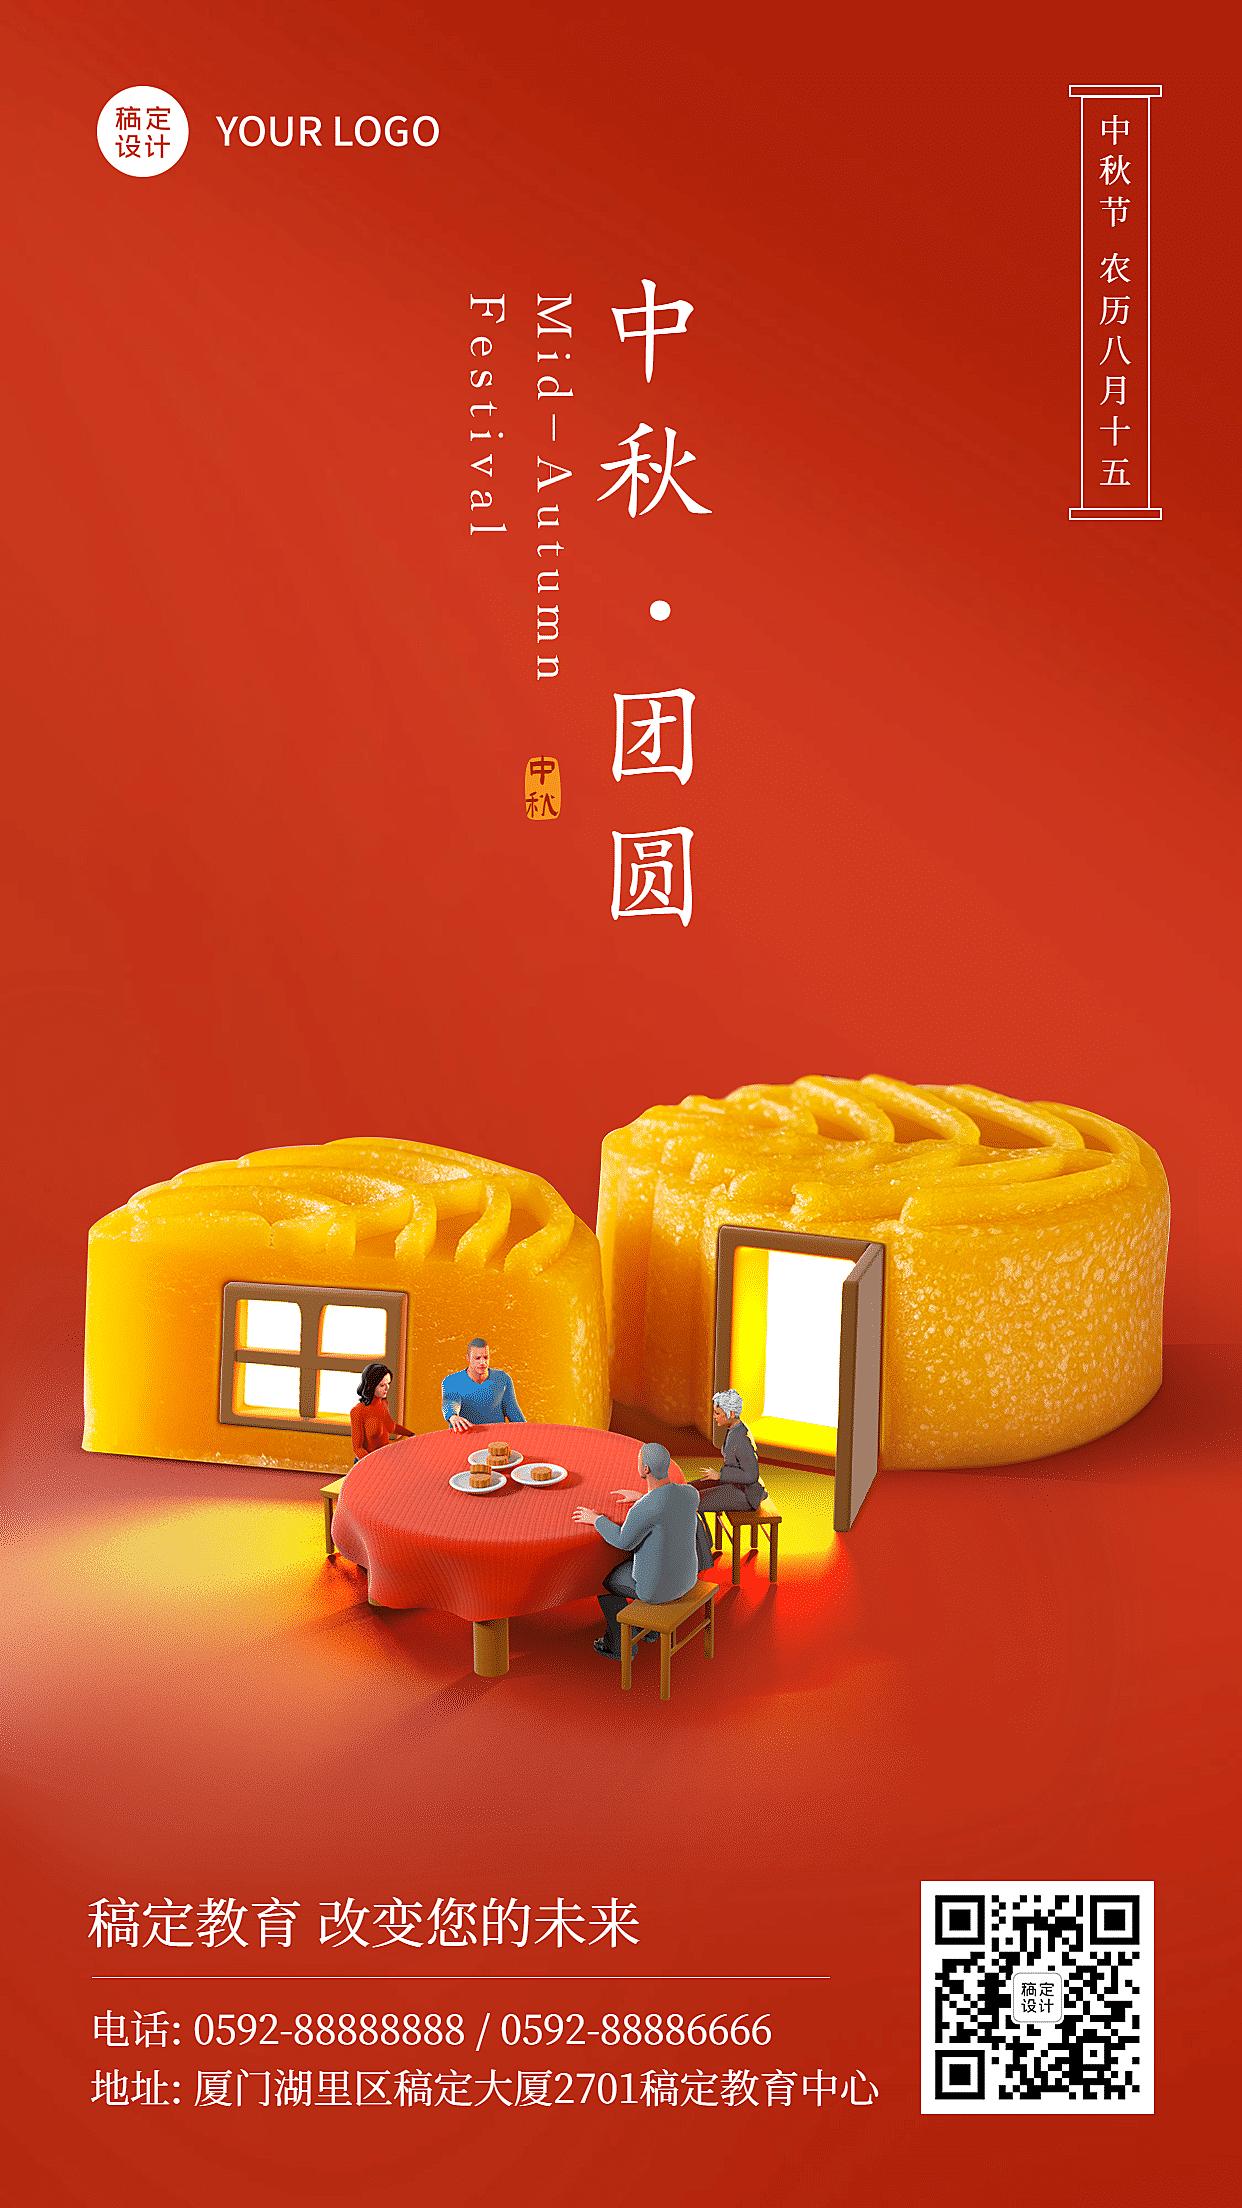 中秋节家庭团圆实景微缩海报